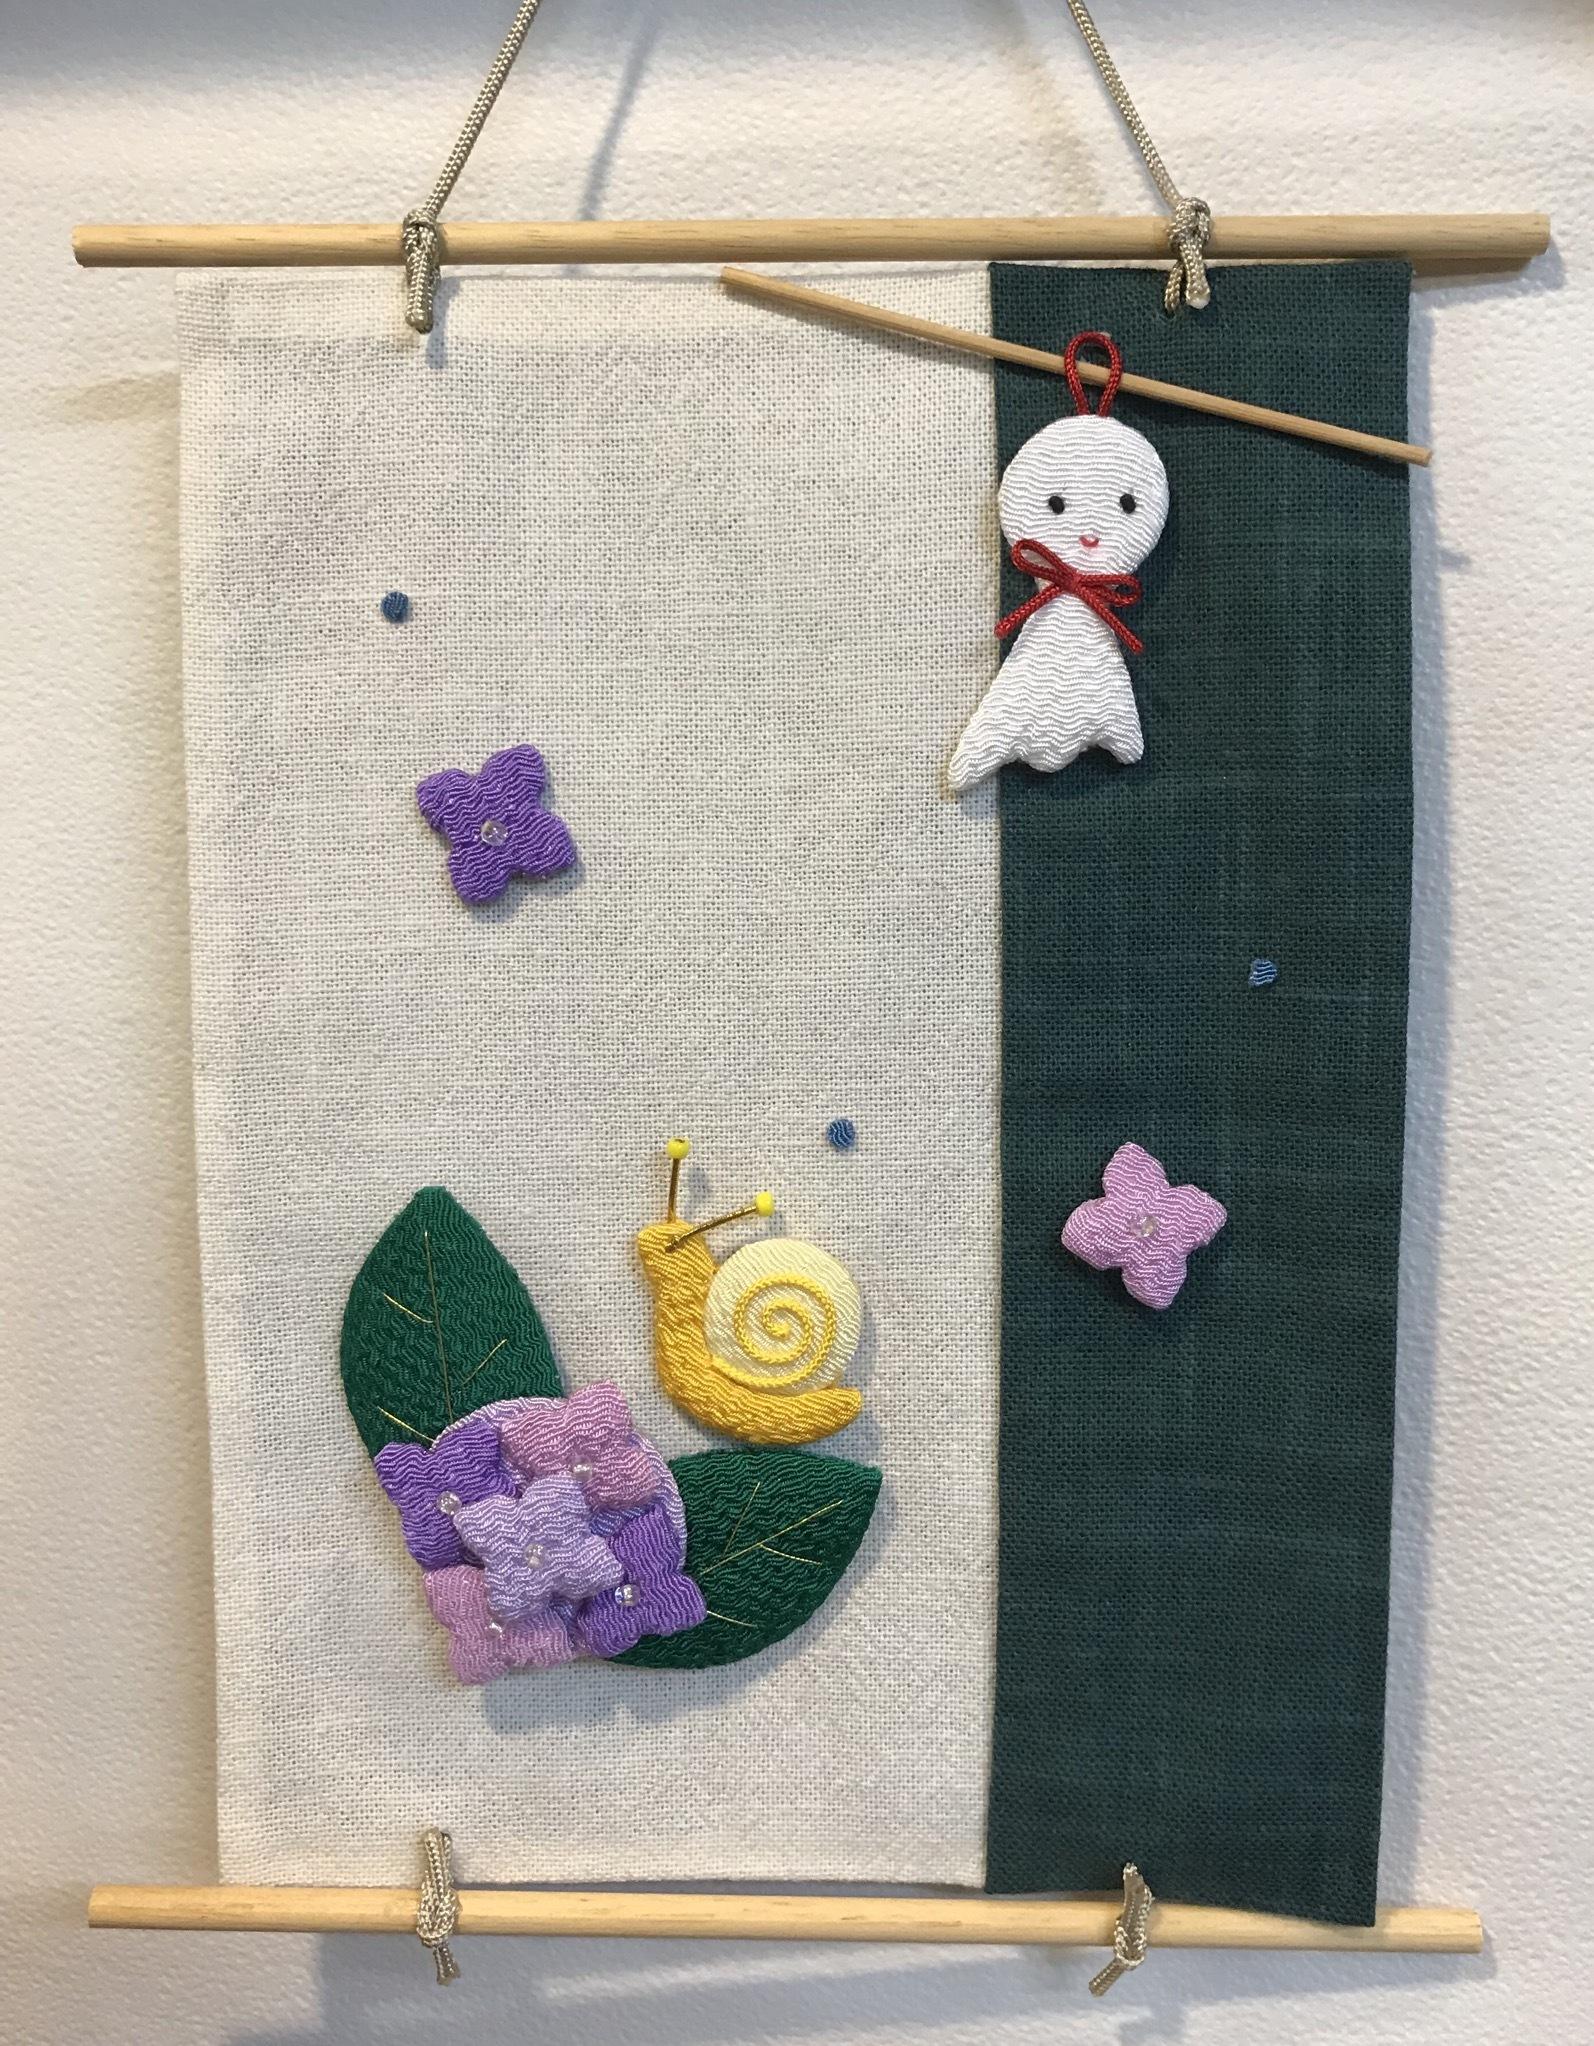 ちりめん押絵紫陽花の彩りミニタペストリー